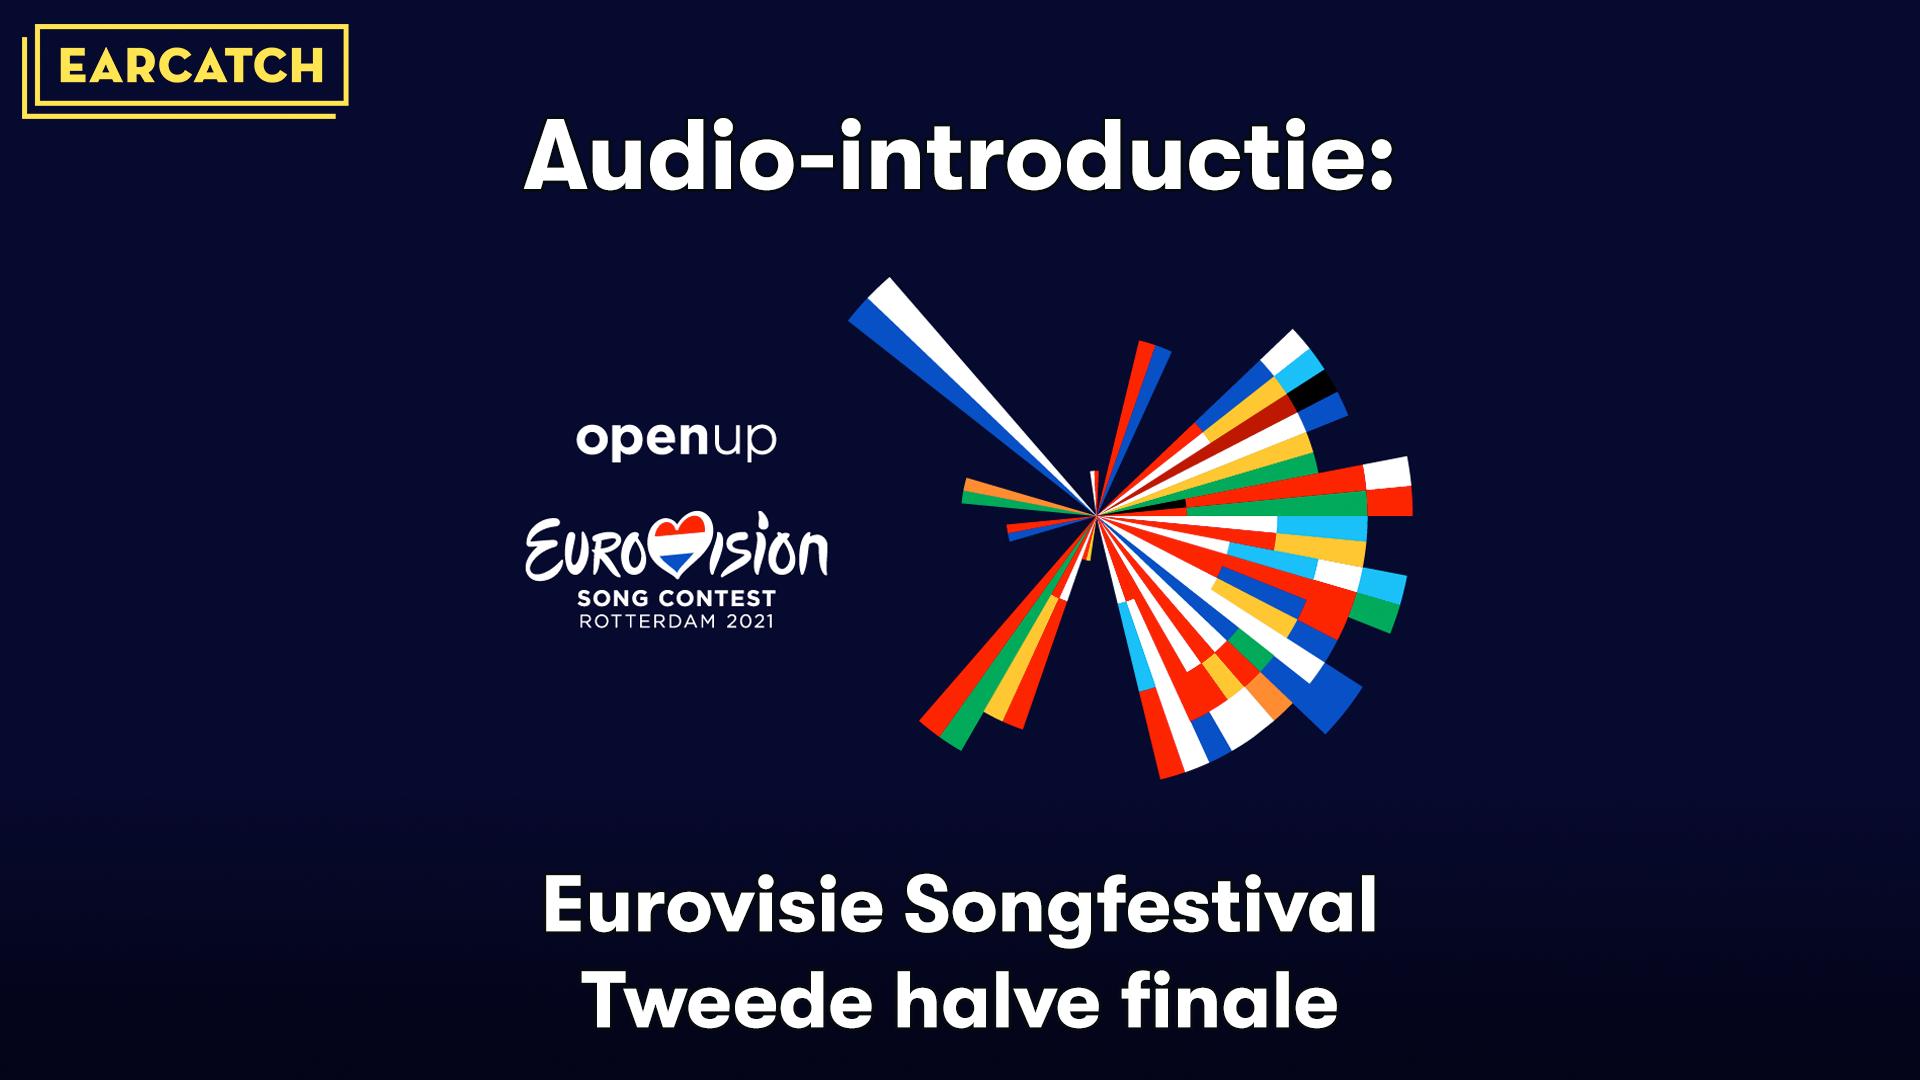 Video: Audio-introductie bij de Tweede halve finale van het Eurovisie Songfestival 2021.